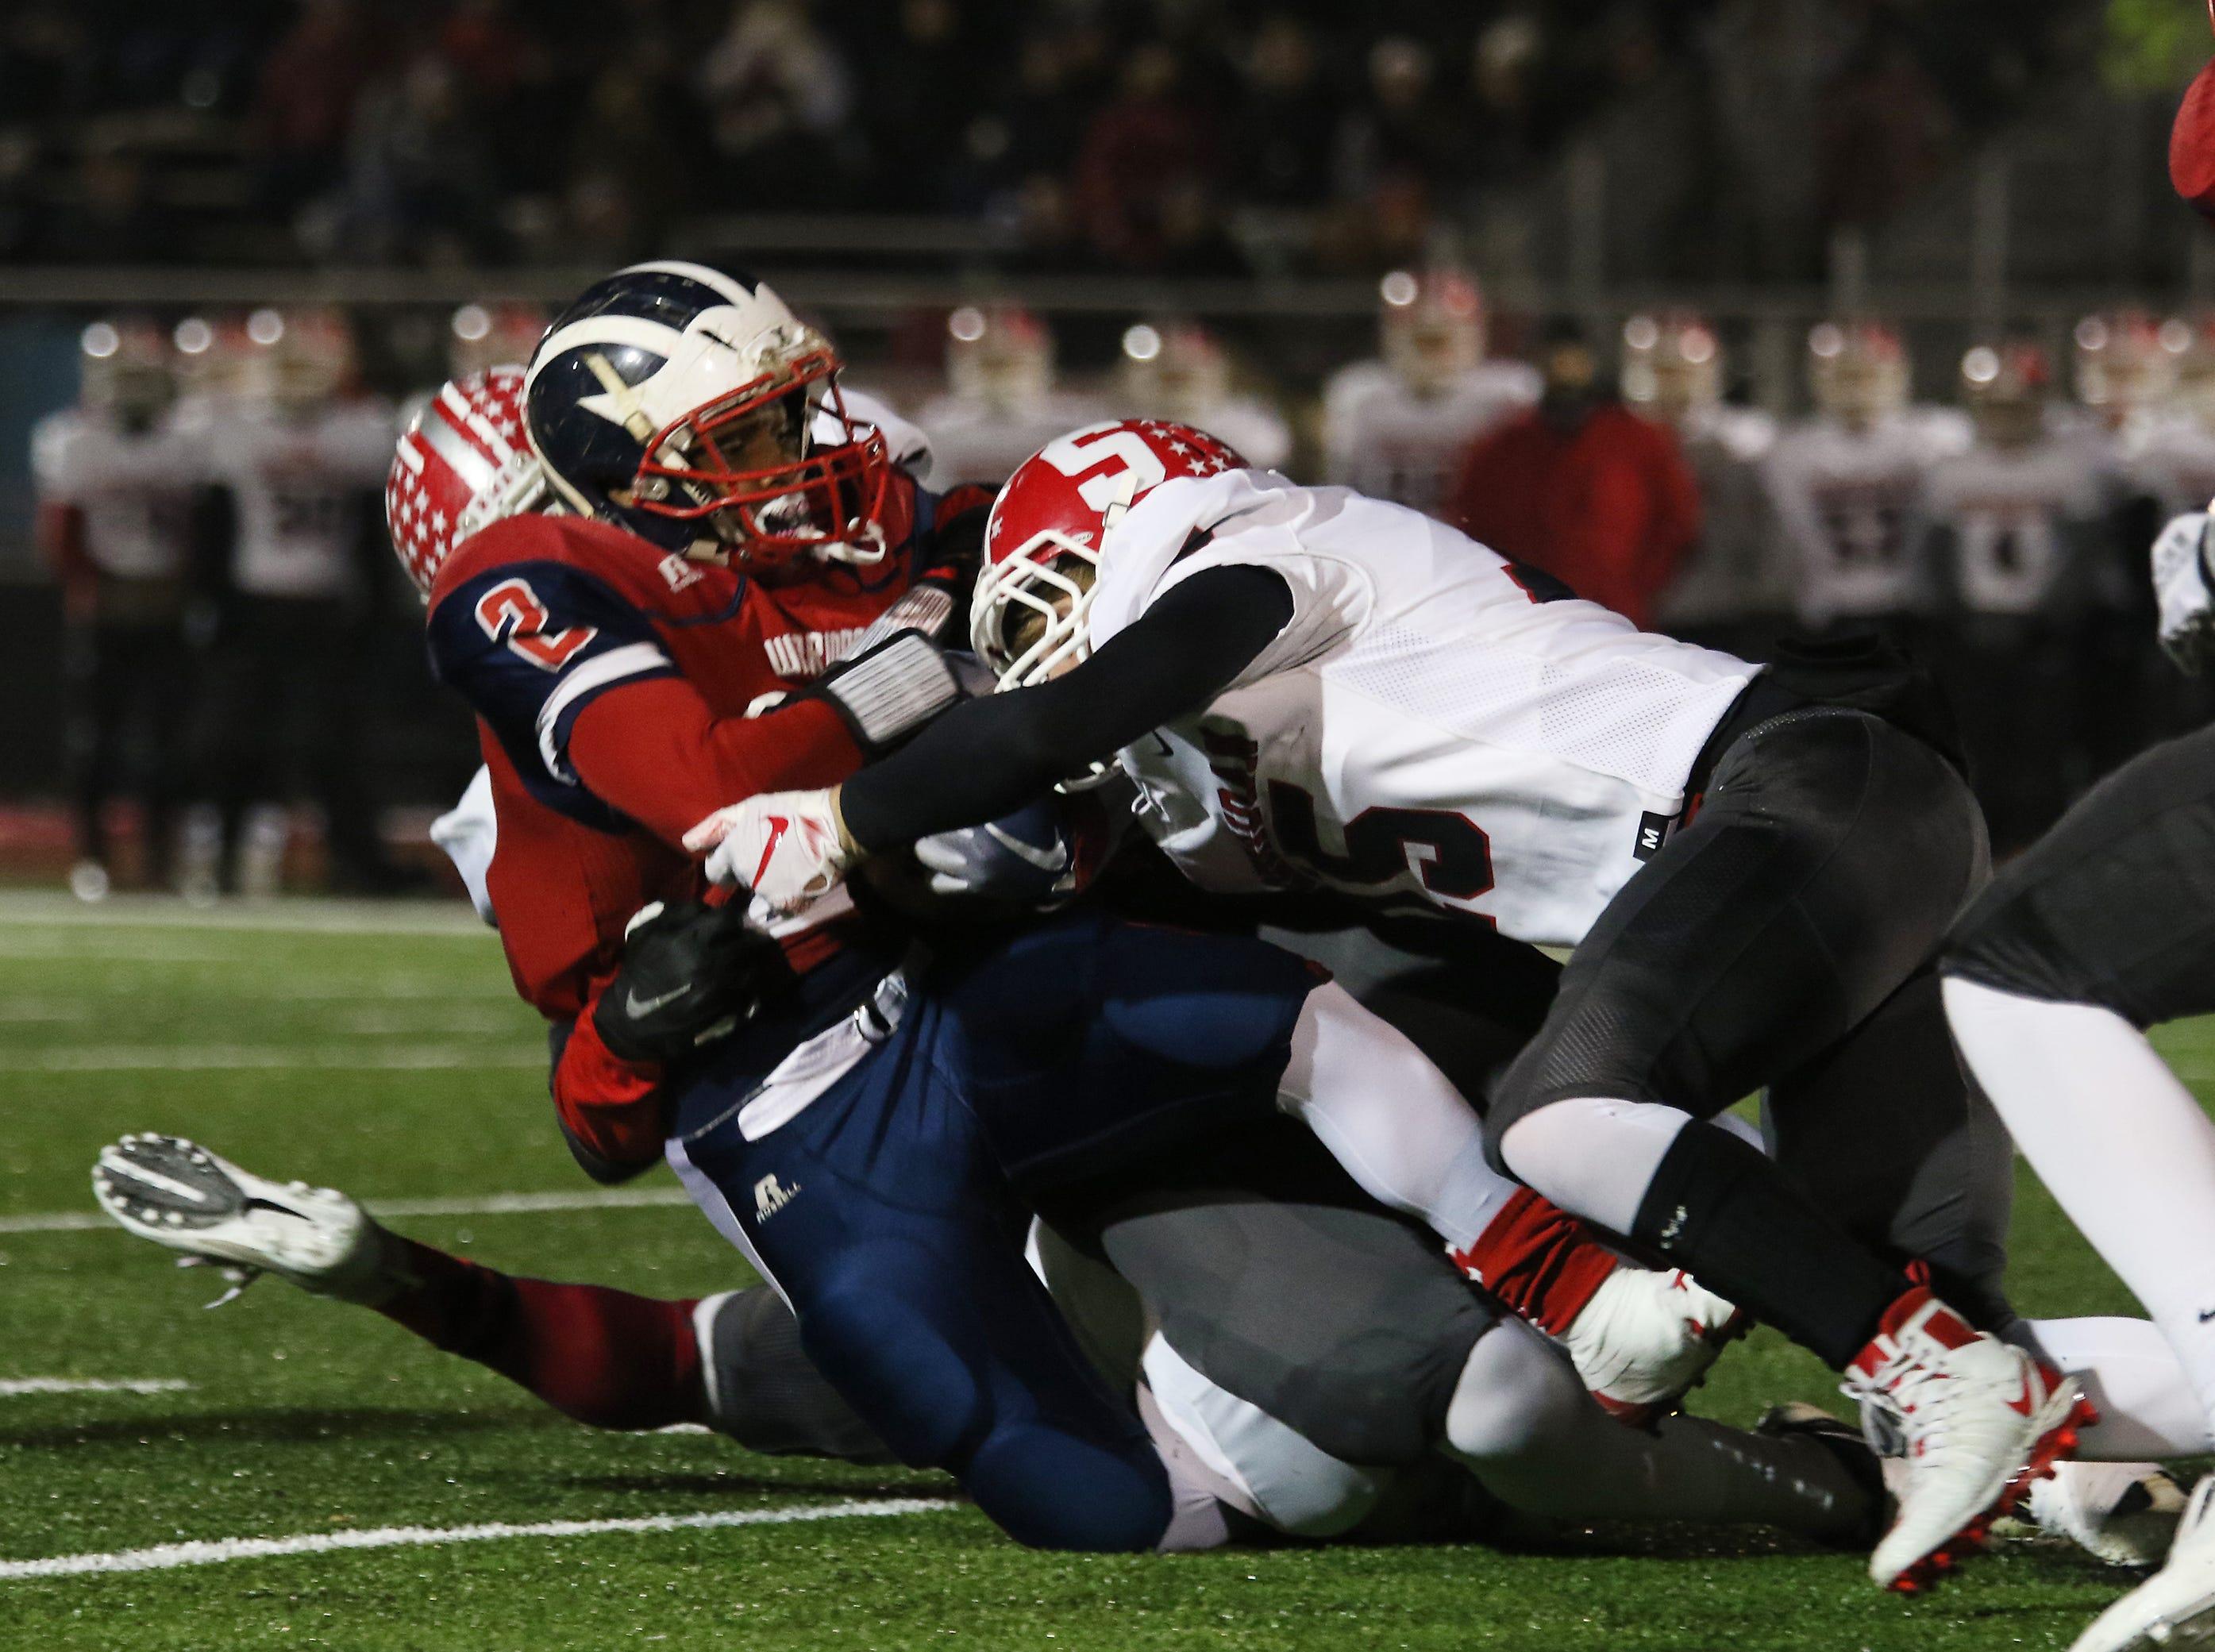 Sheridan defenders bring down an Eastmoor ball carrier.